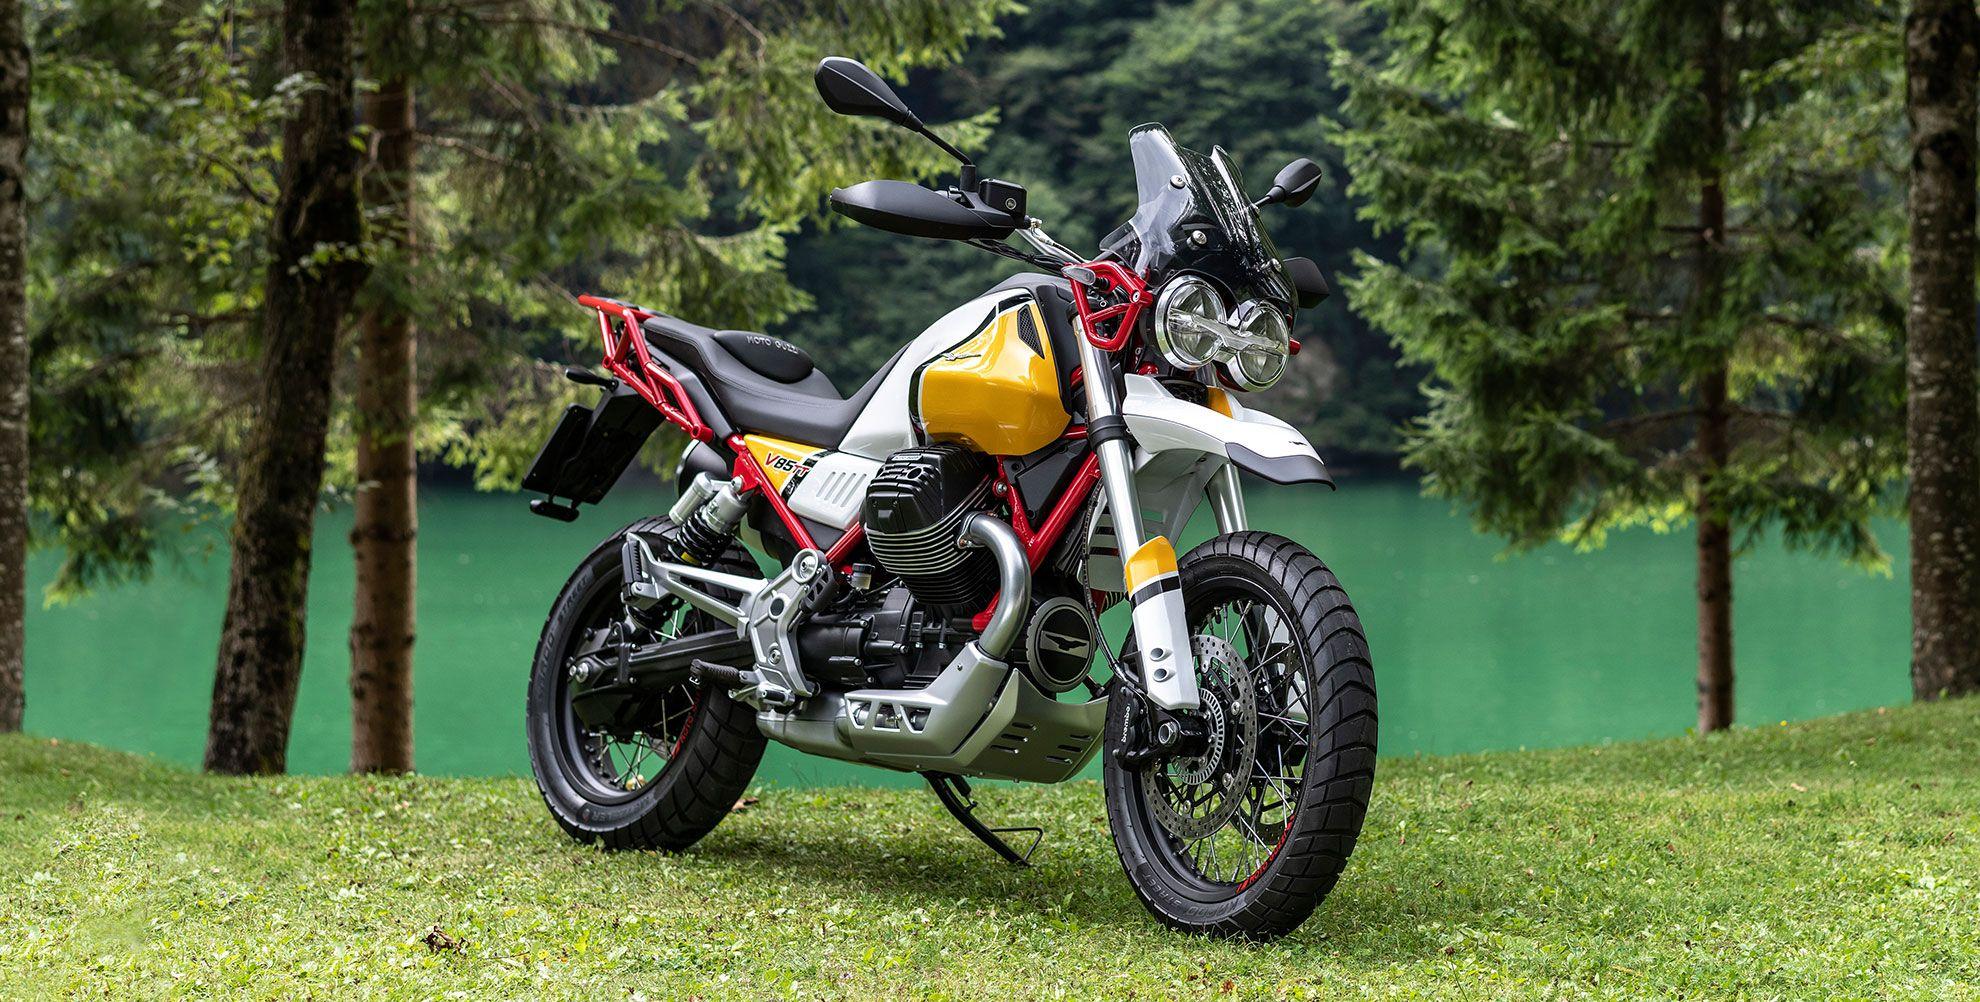 Moto Guzzi V85 TT, cresce la voglia tra gli appassionati